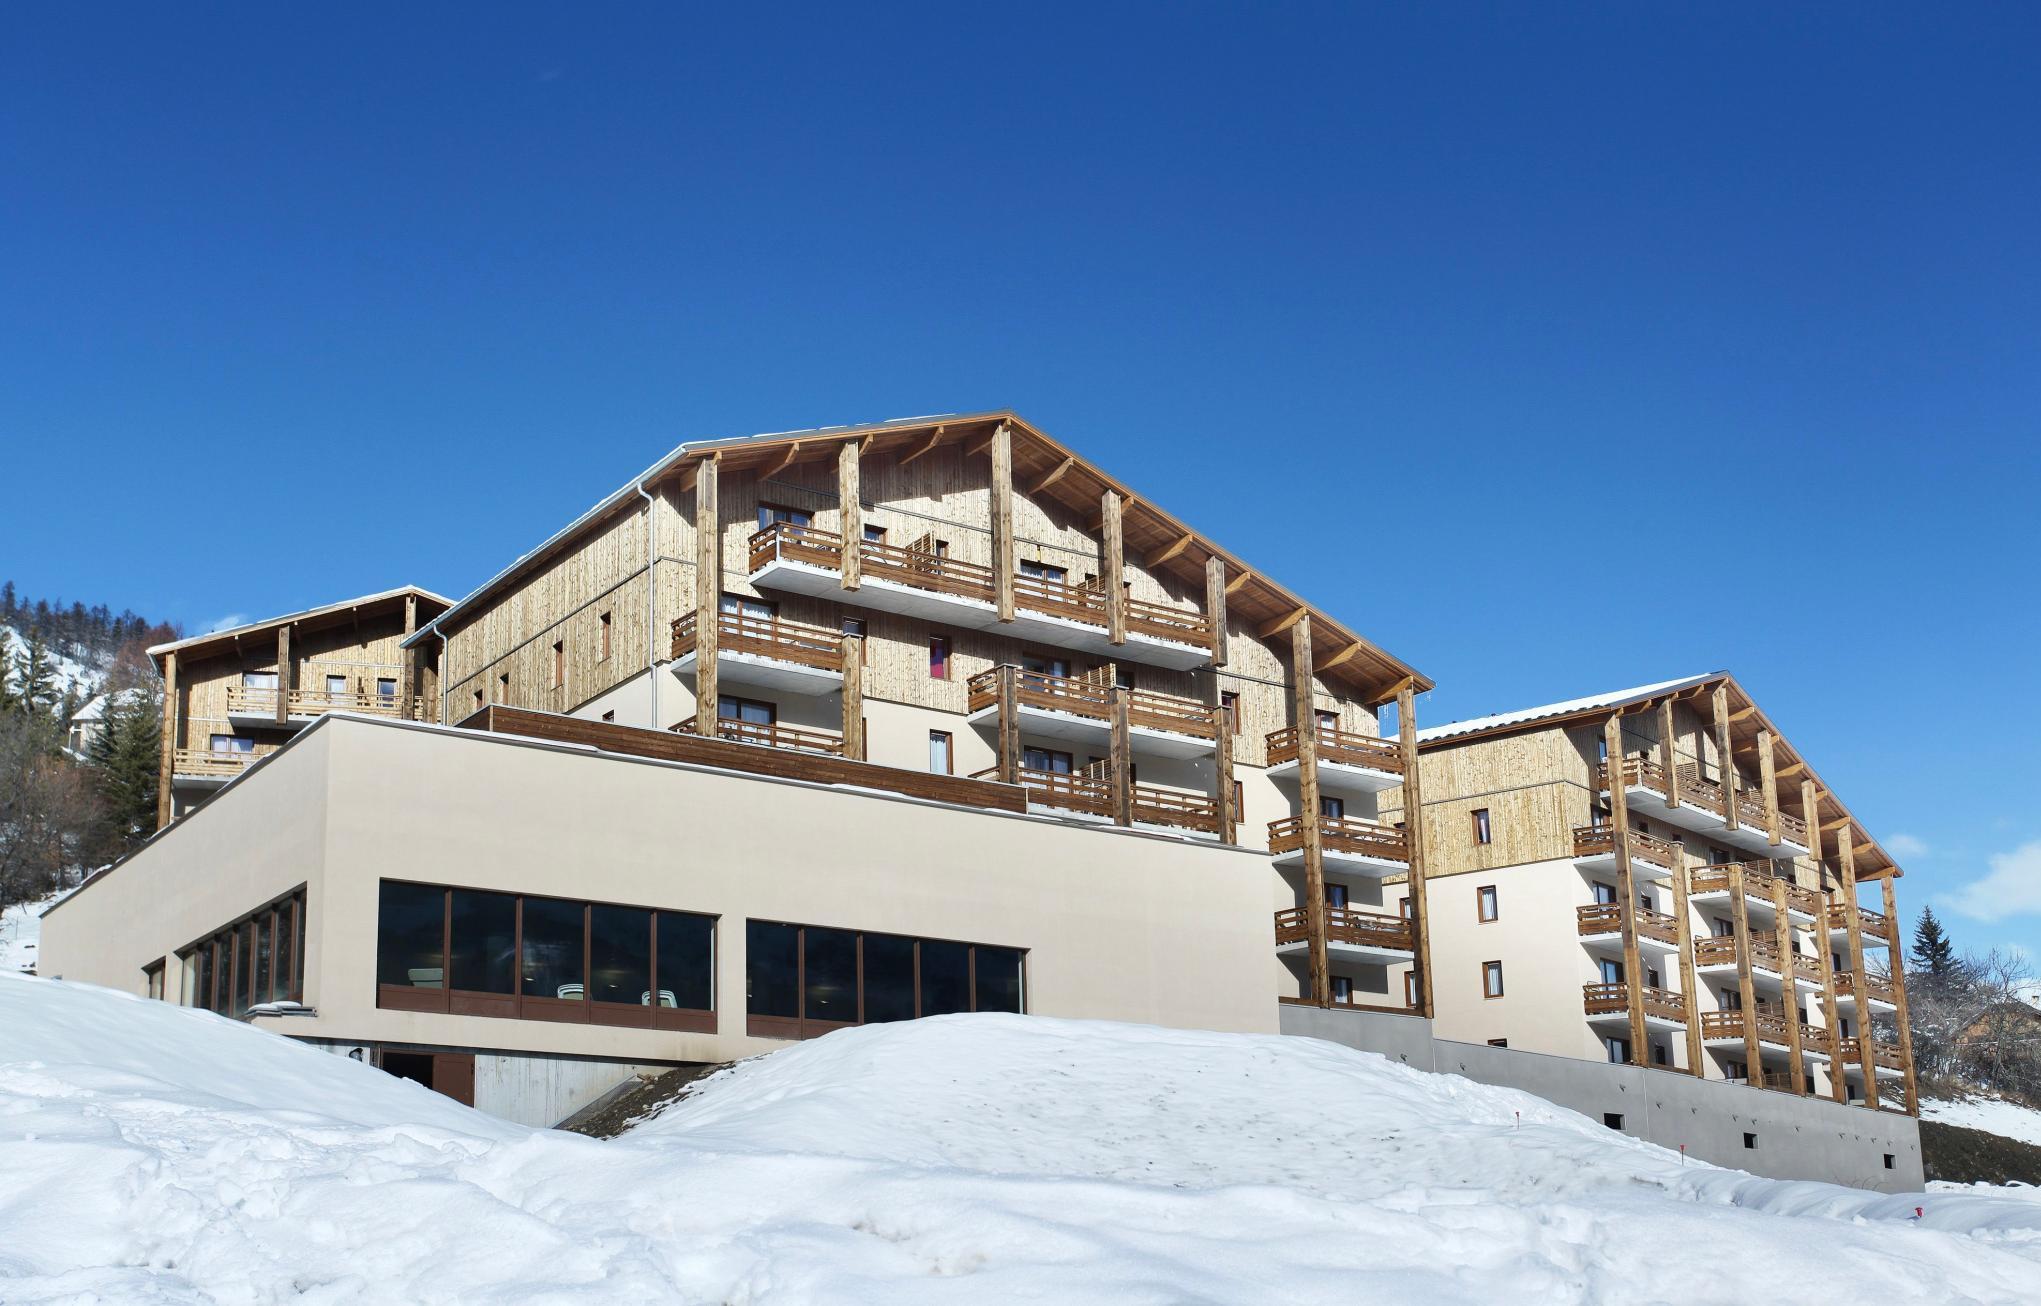 Meer info over Residence Le Village de Praroustan  bij Summittravel